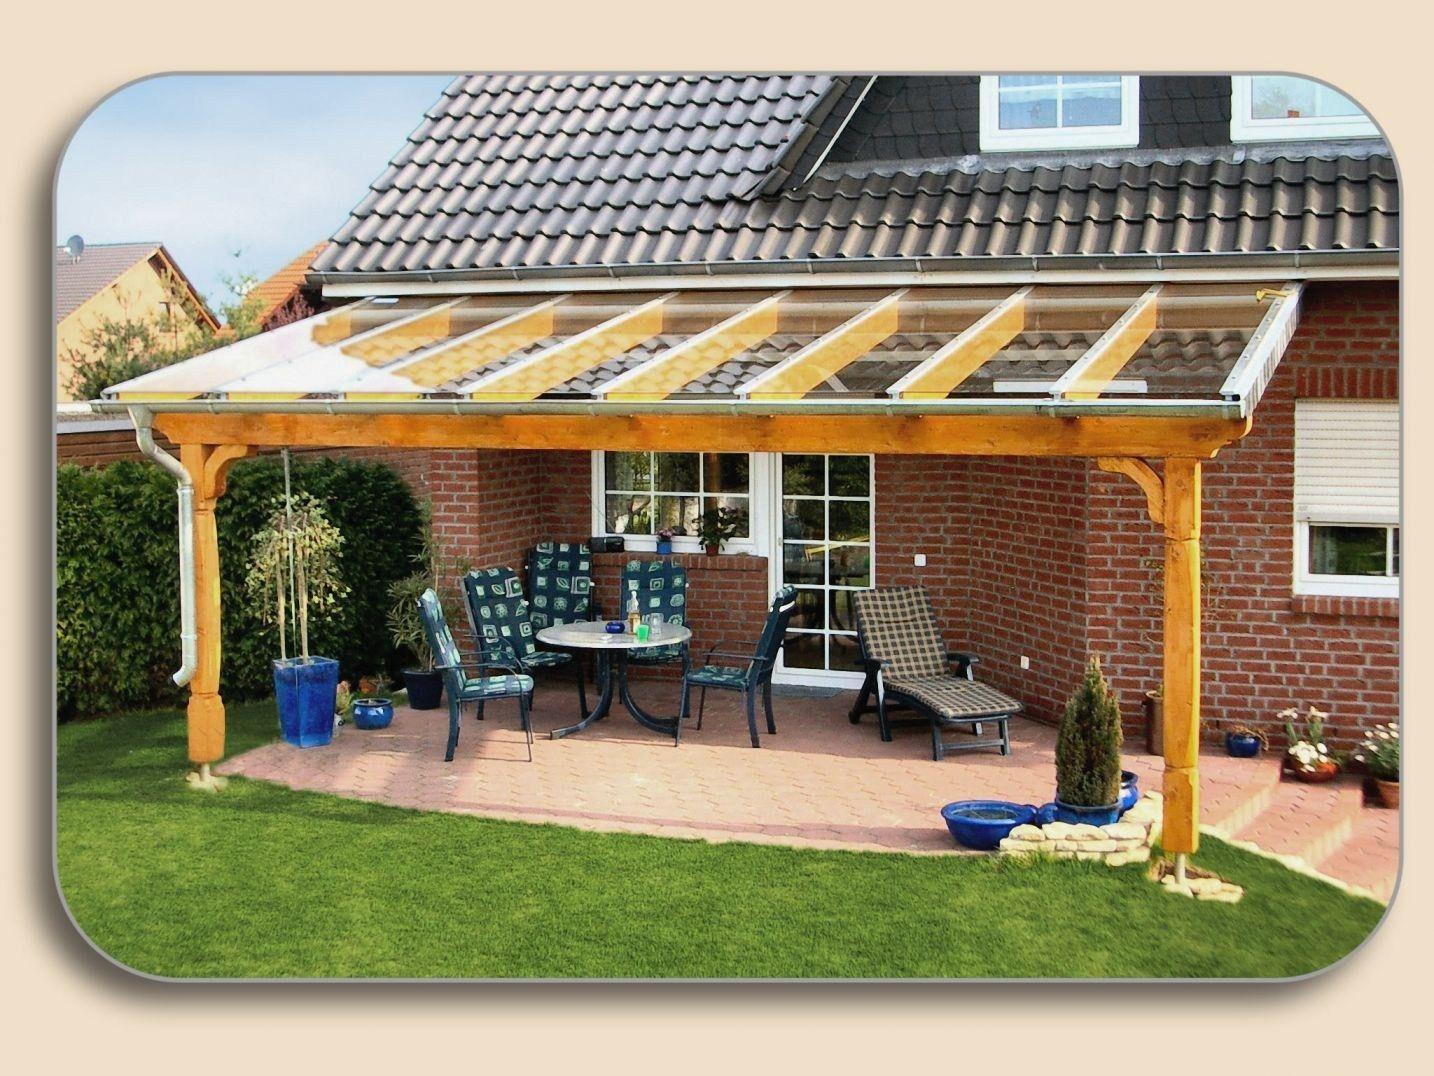 Design 45 Zum Terrassenuberdachung Freistehend Holz Selber Bauen Outdoor Pergola Building A Pergola Backyard Pergola